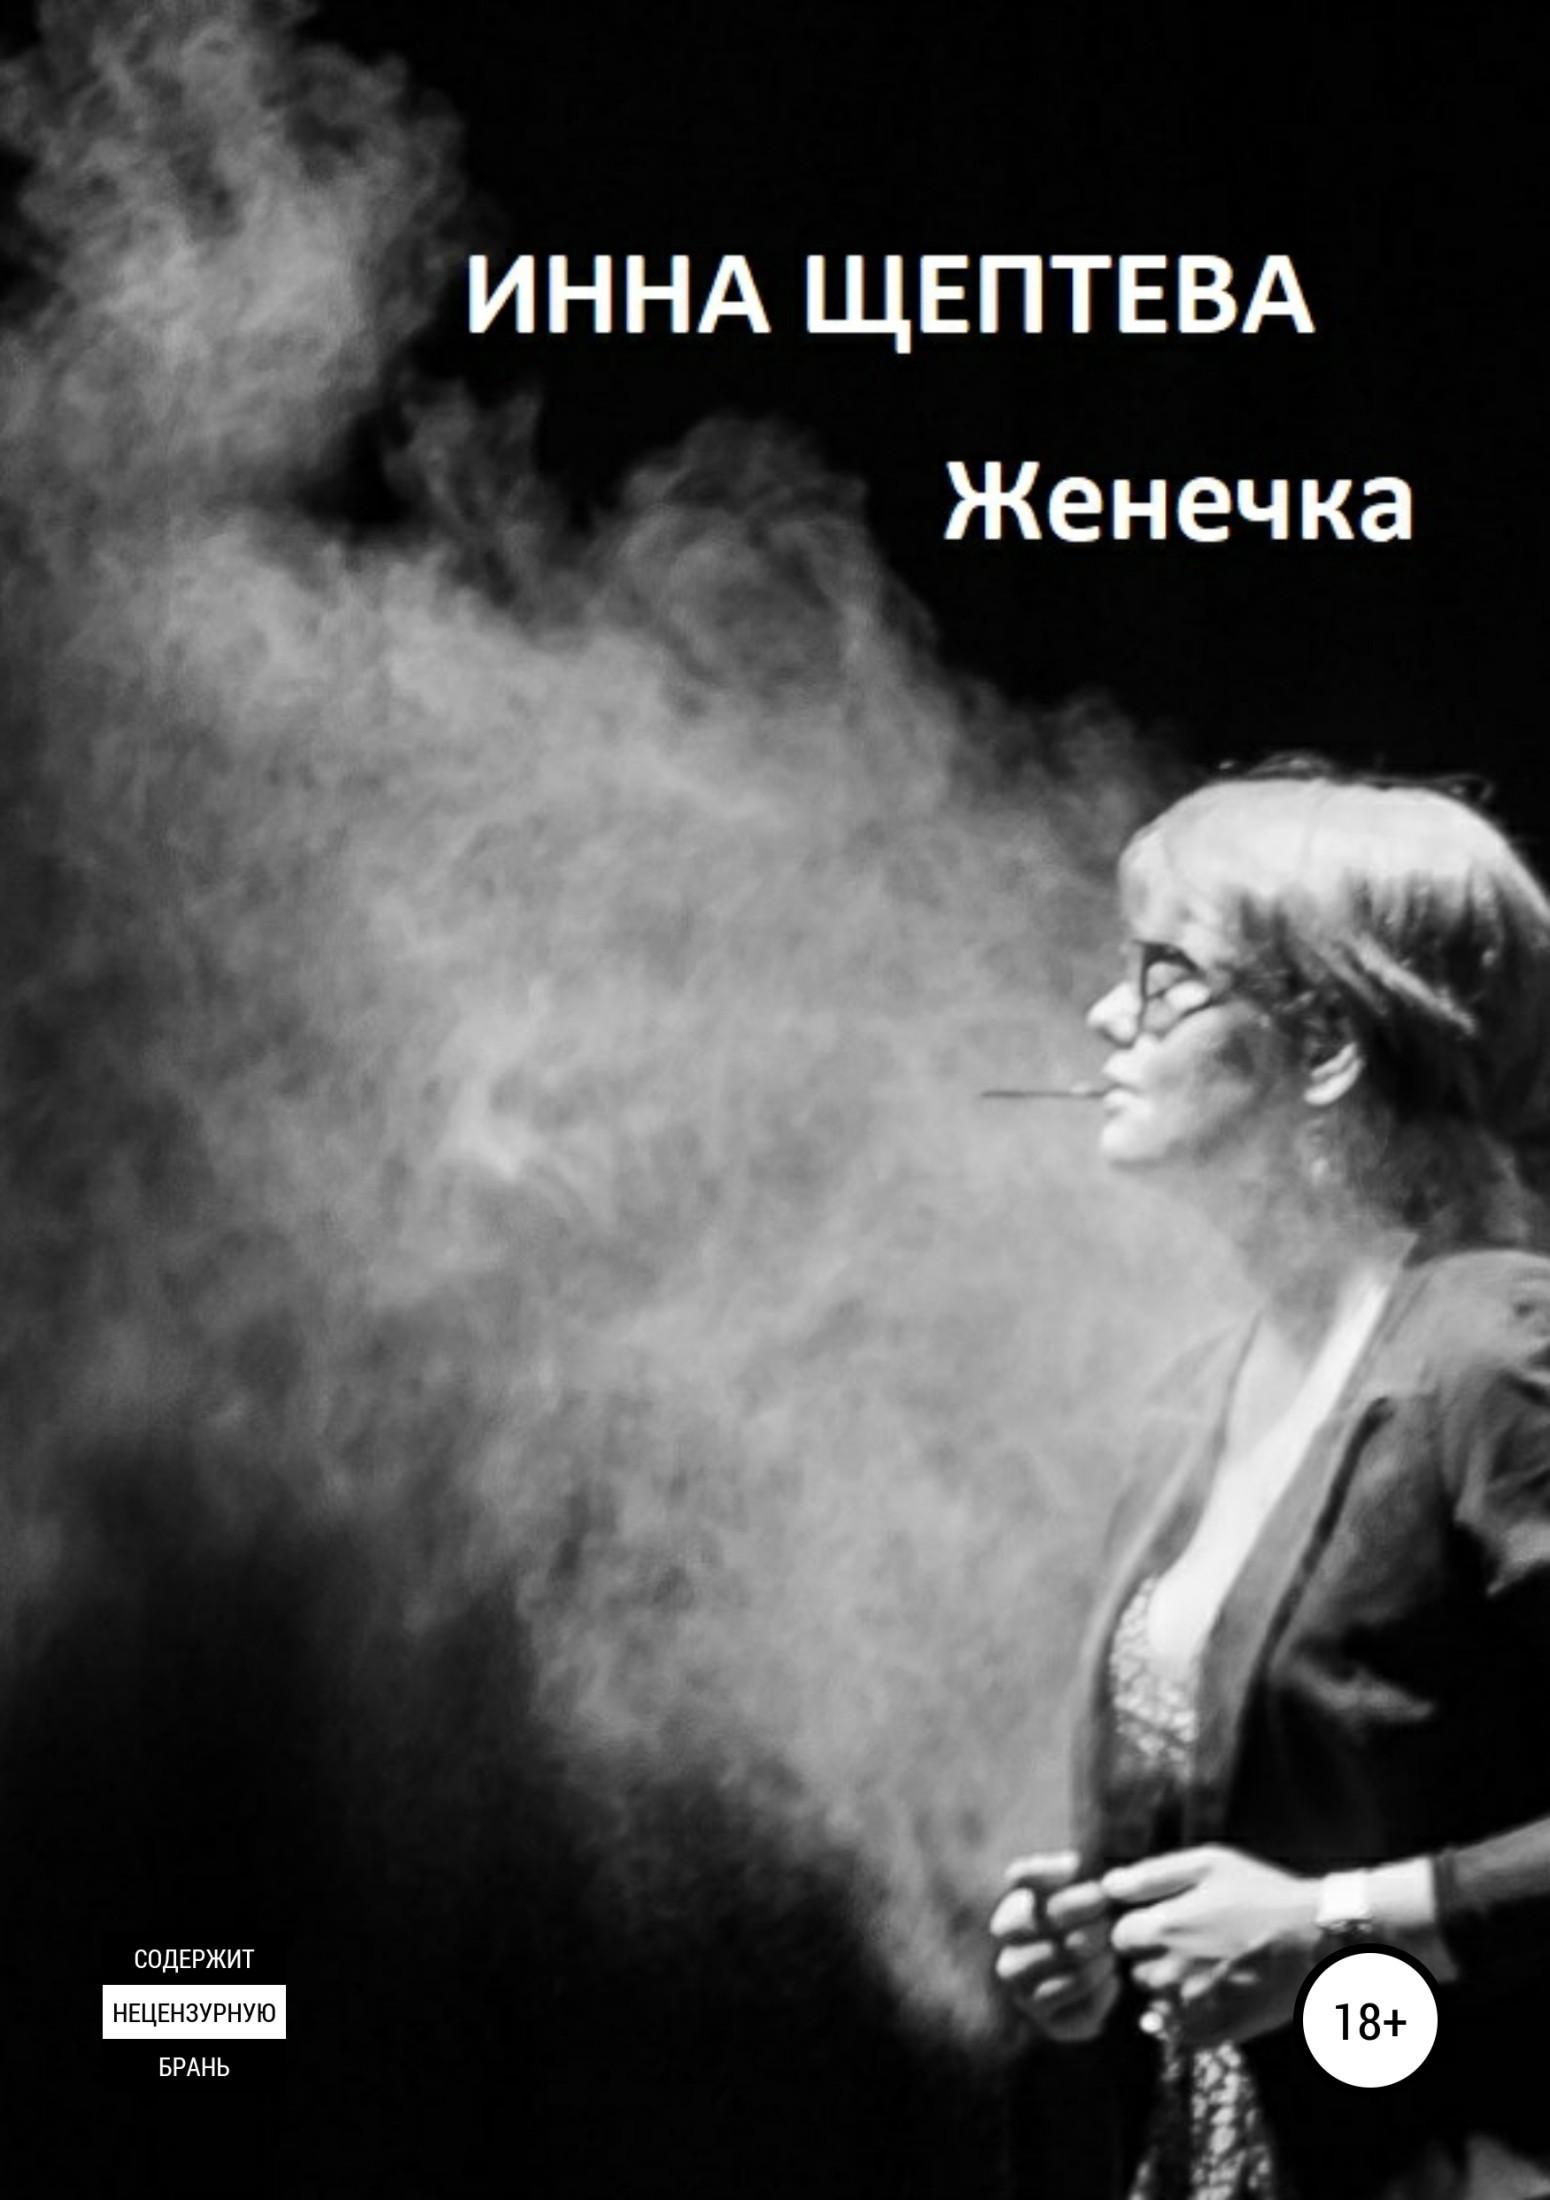 Инна Эдуардовна Щептева Женечка ринпоче й радостная мудрость принятие перемен и обретение свободы